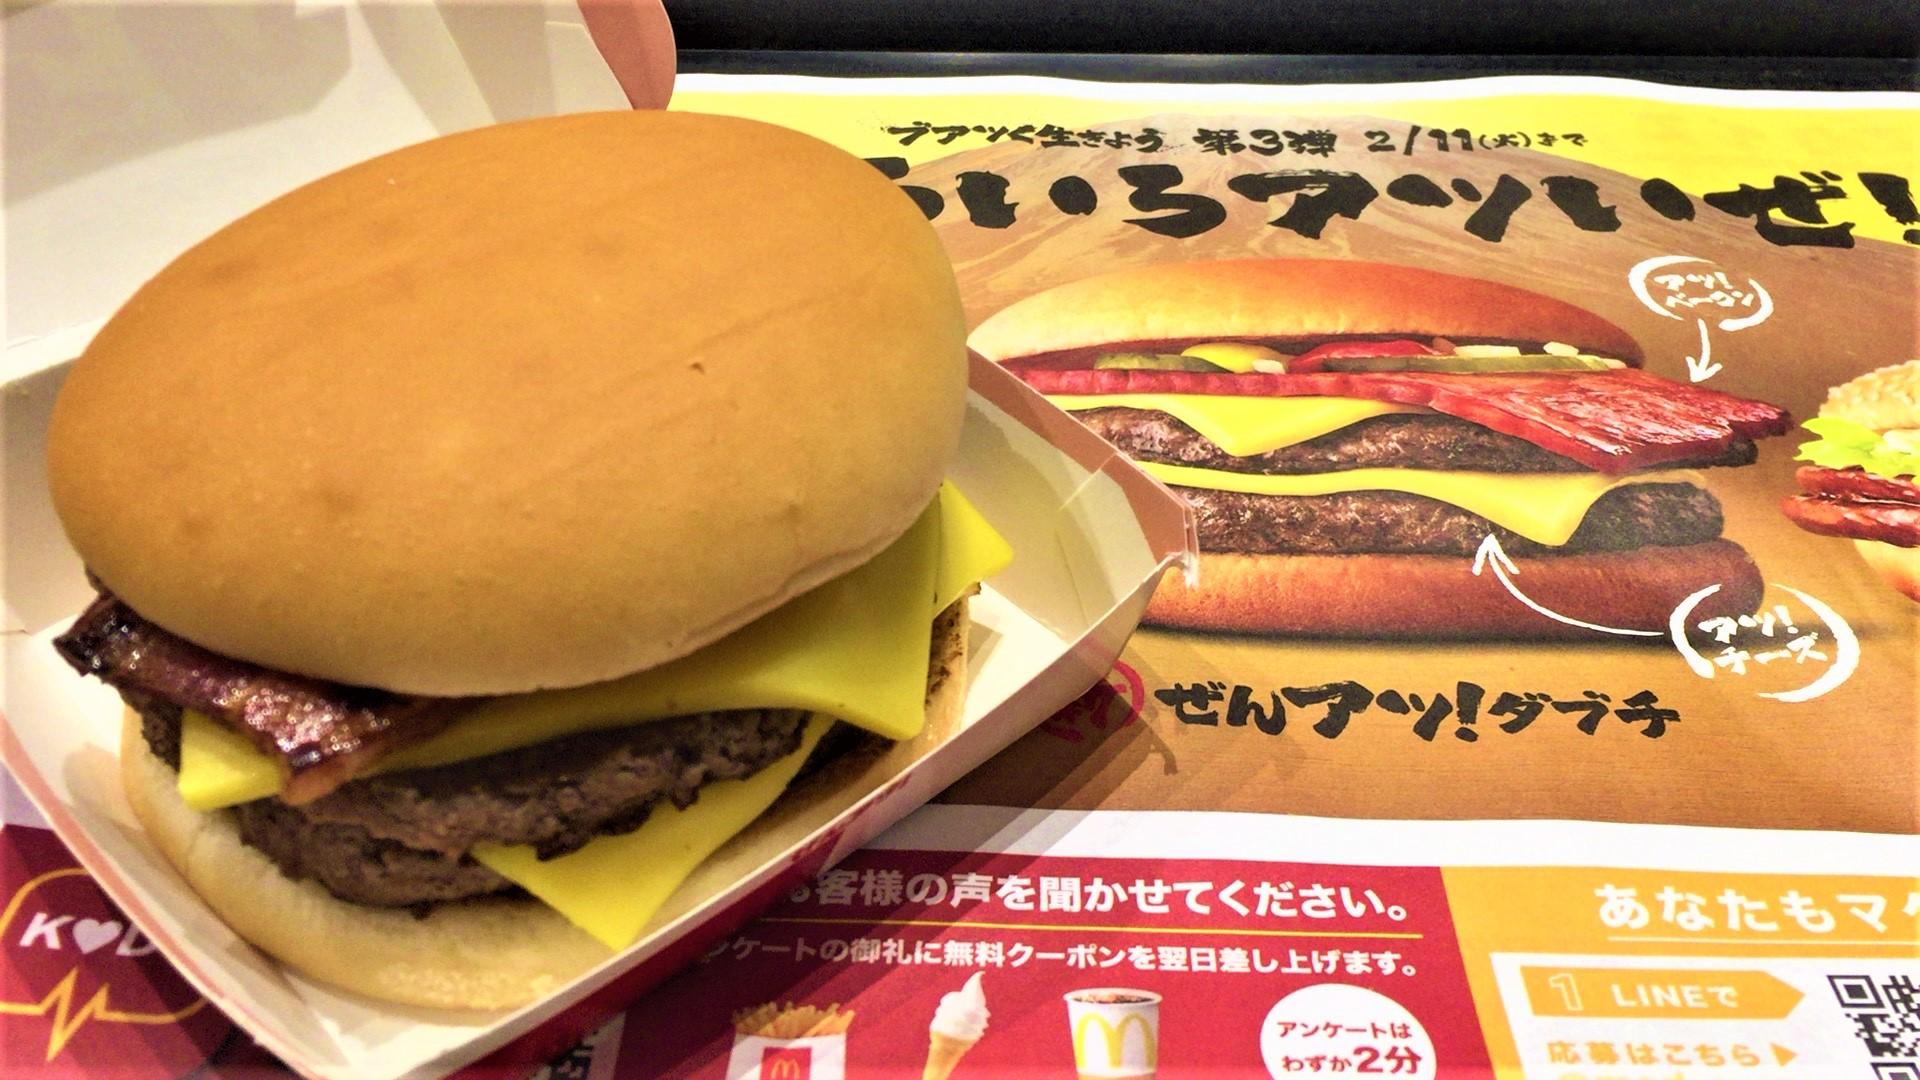 ぜんアツ!ダブチ(マクドナルド)を食べてみた【感想・口コミは?】